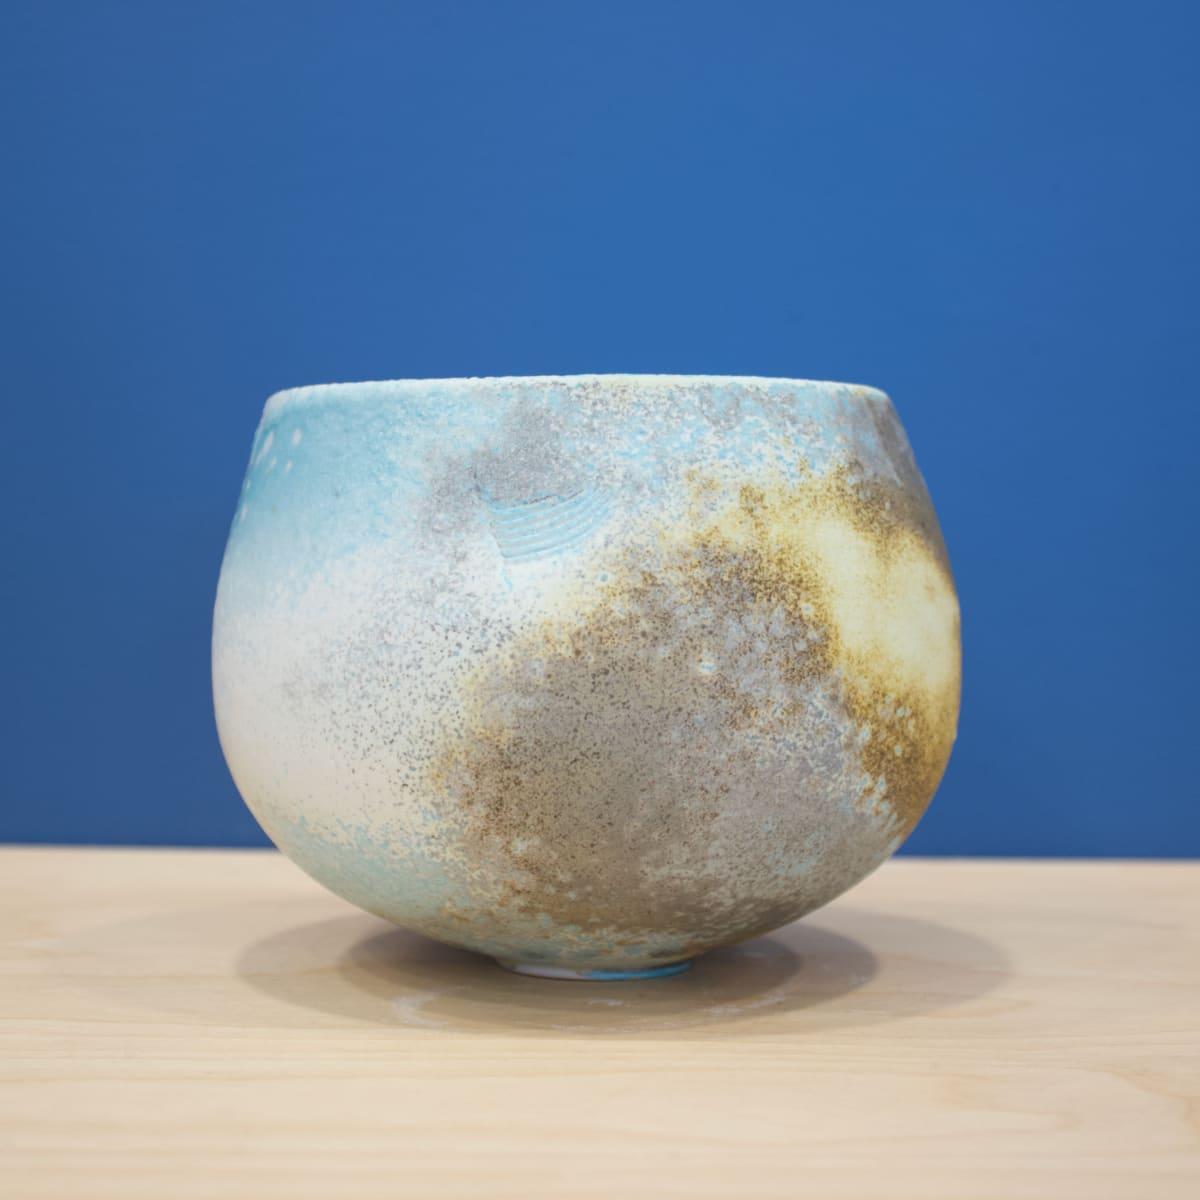 Jack Doherty Round Bowl, 2019 Ceramic 12 x 14 x 14 cm 4 3/4 x 5 1/2 x 5 1/2 in